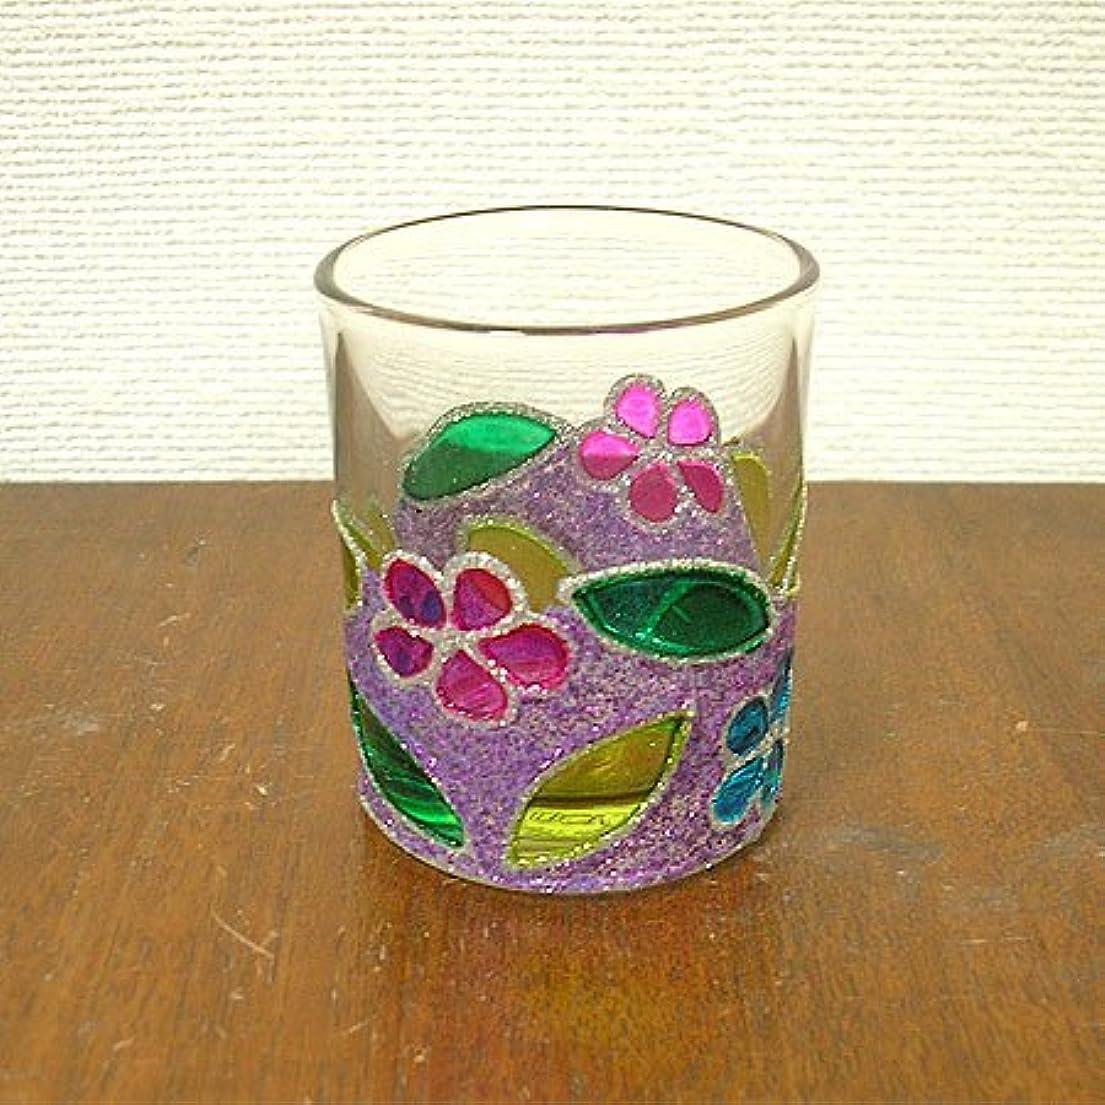 血まみれのエゴマニア休憩アジアン キャンドルホルダー カップ グラス 花柄 パープル アジアン雑貨